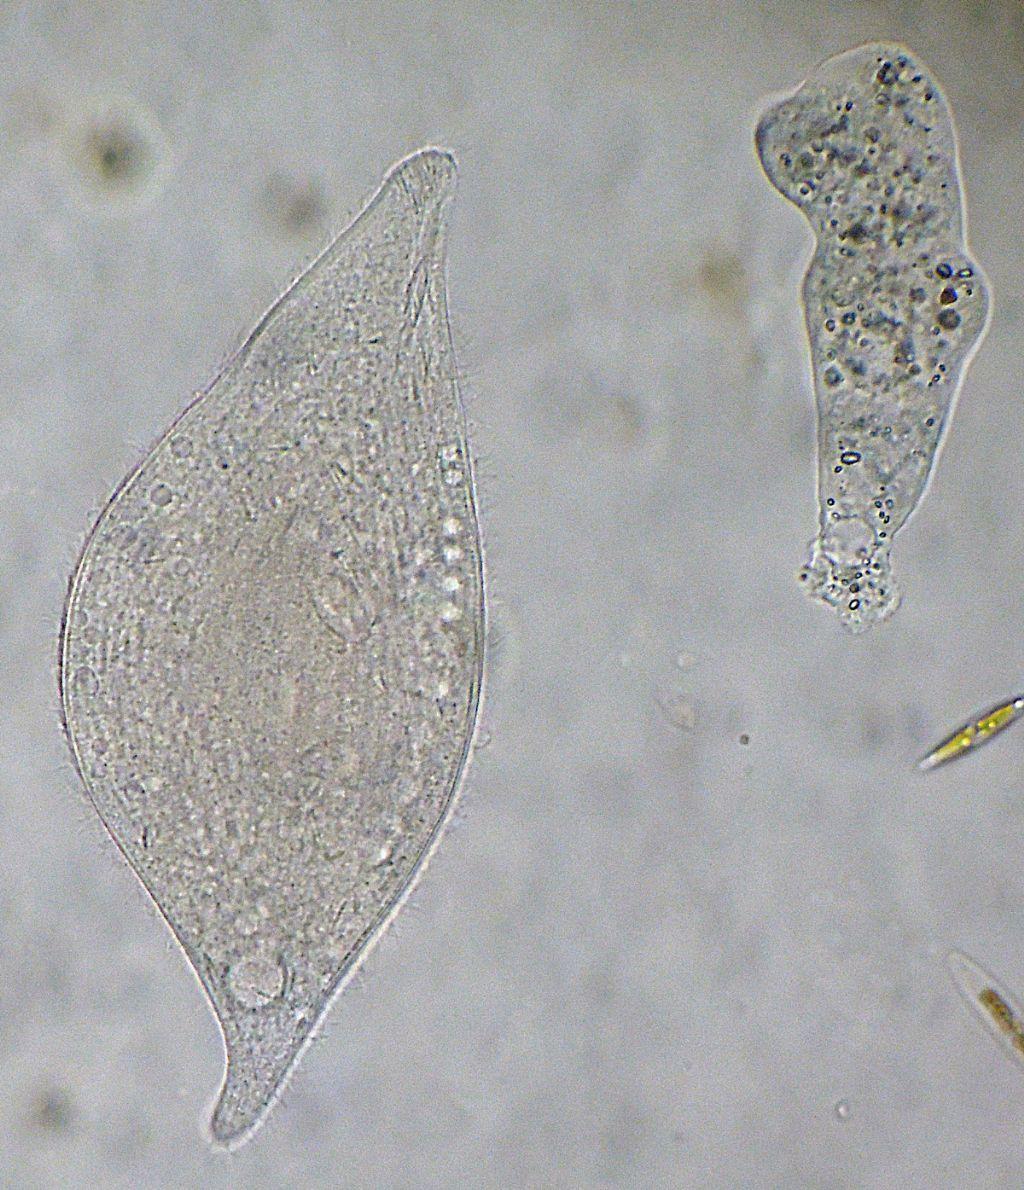 Loxophillum-meleagris